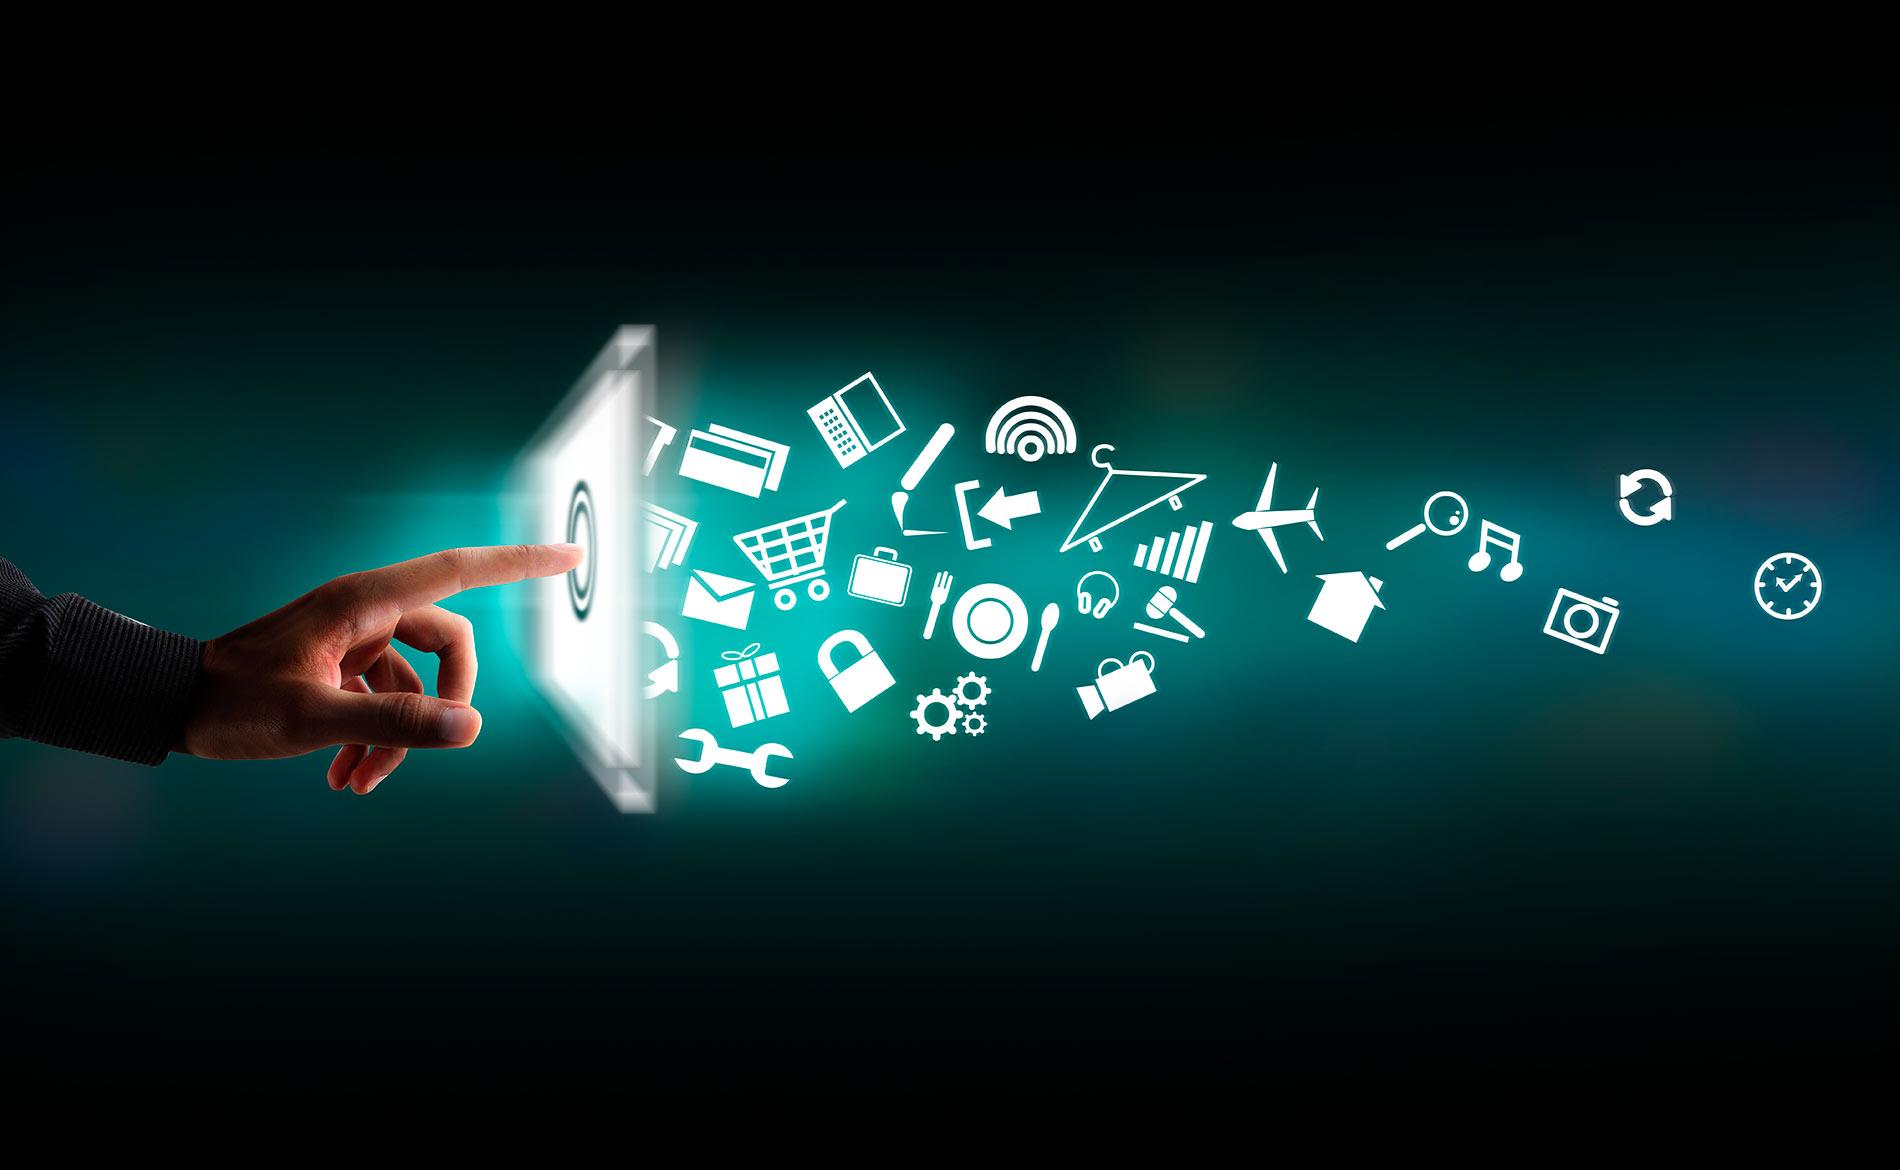 Les 15 technologies numeriques qui vont transformer l entreprise d ici 2021